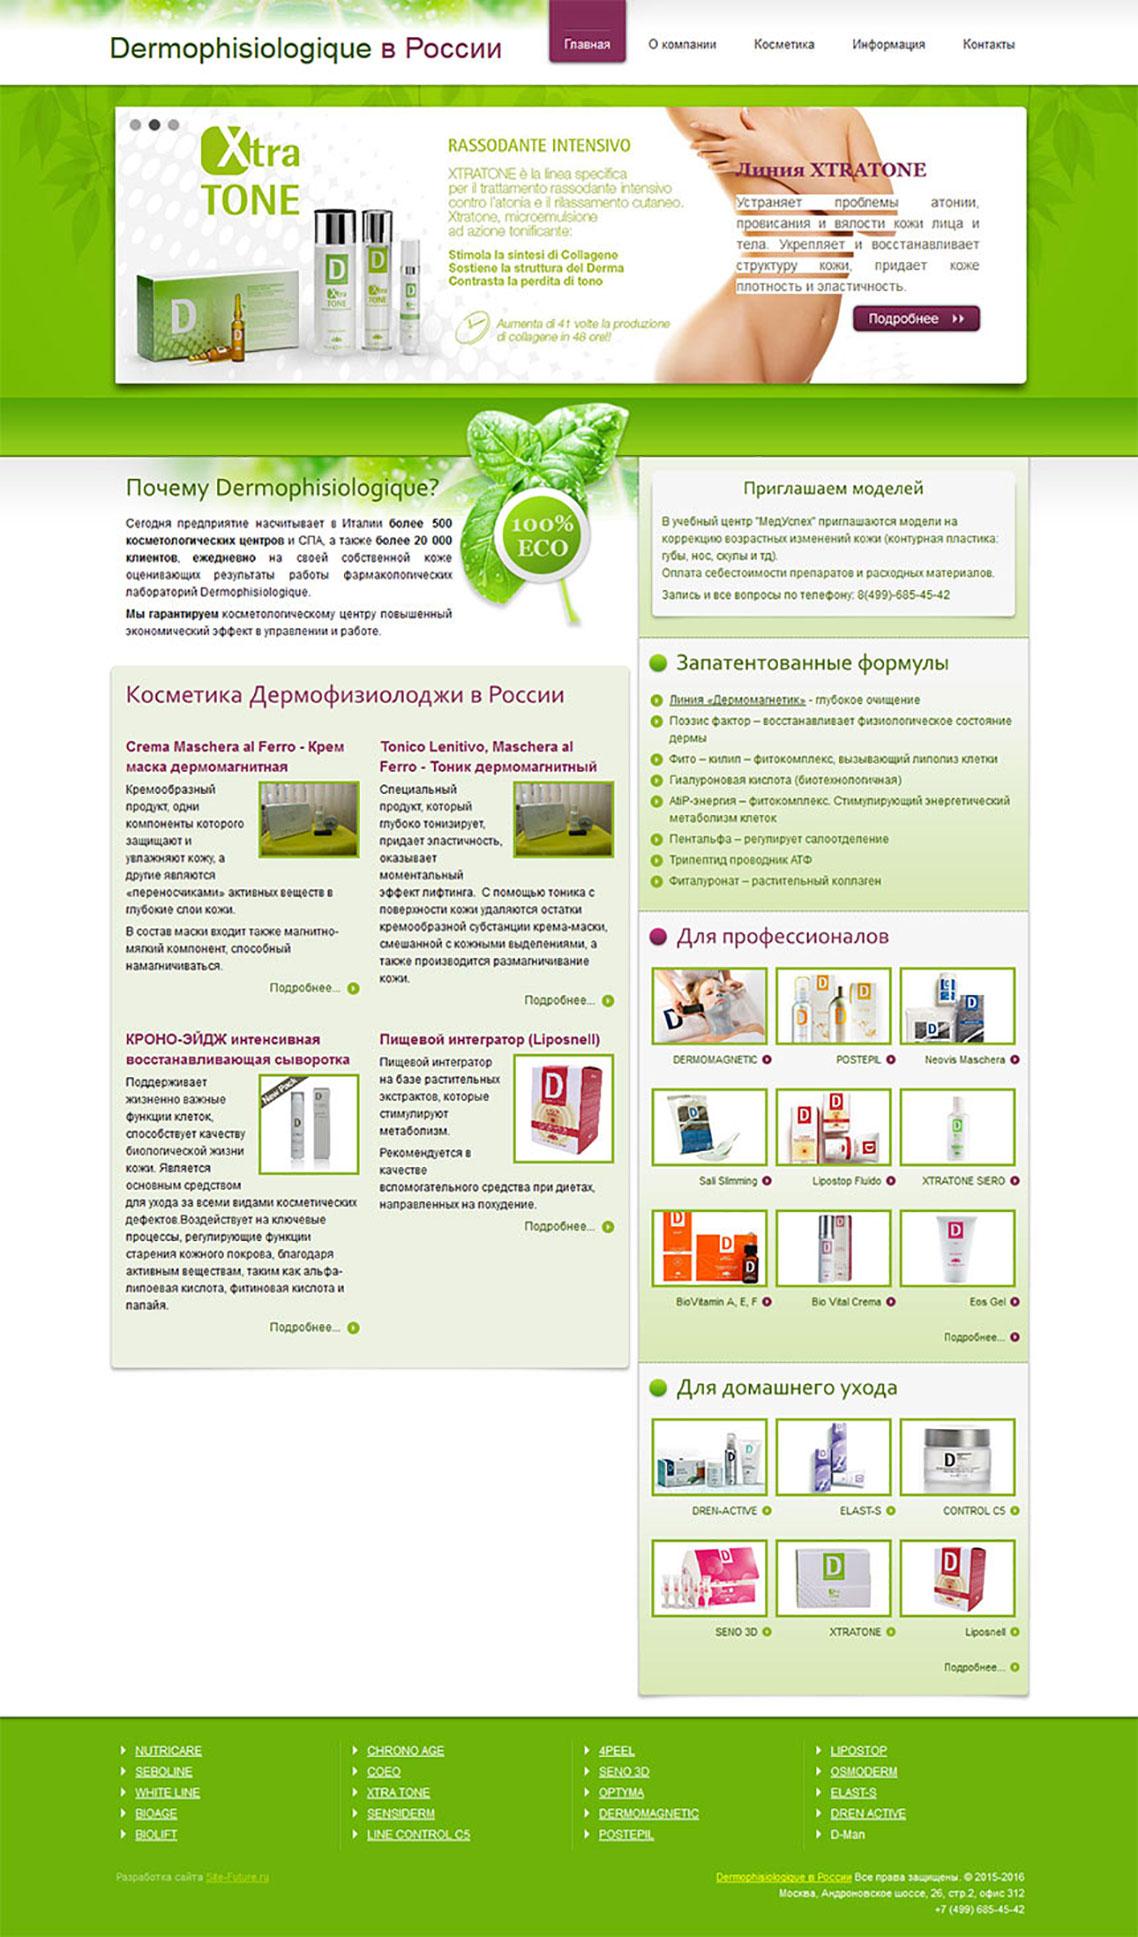 Официальное представительство Dermophisiologique в России